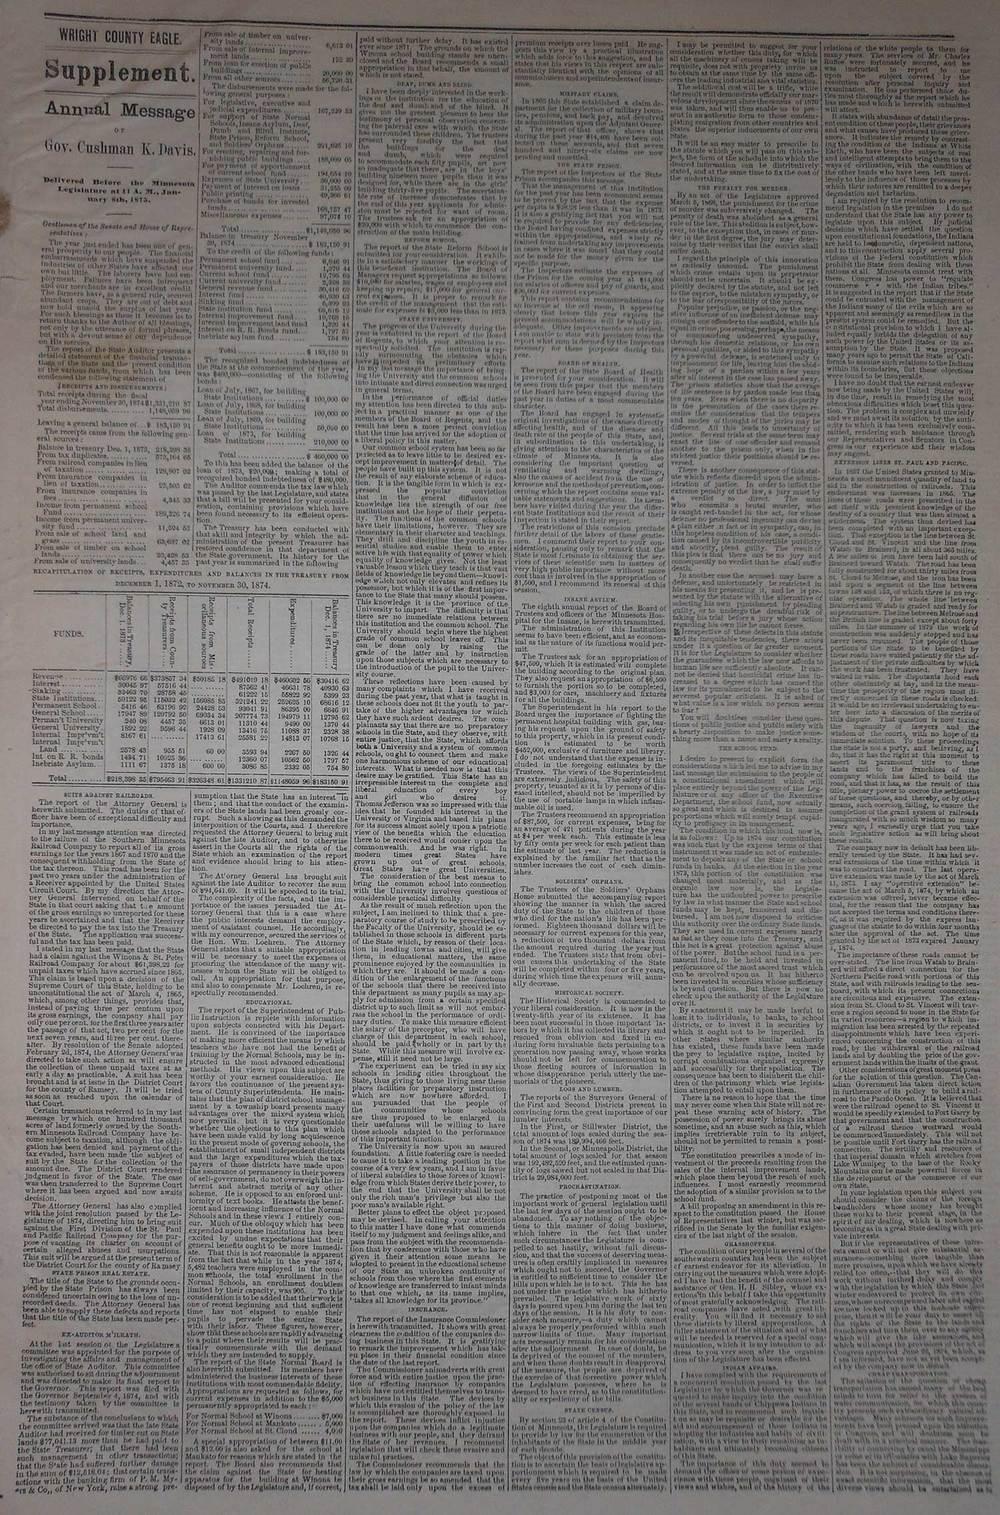 1/13/1875, Supp. 1